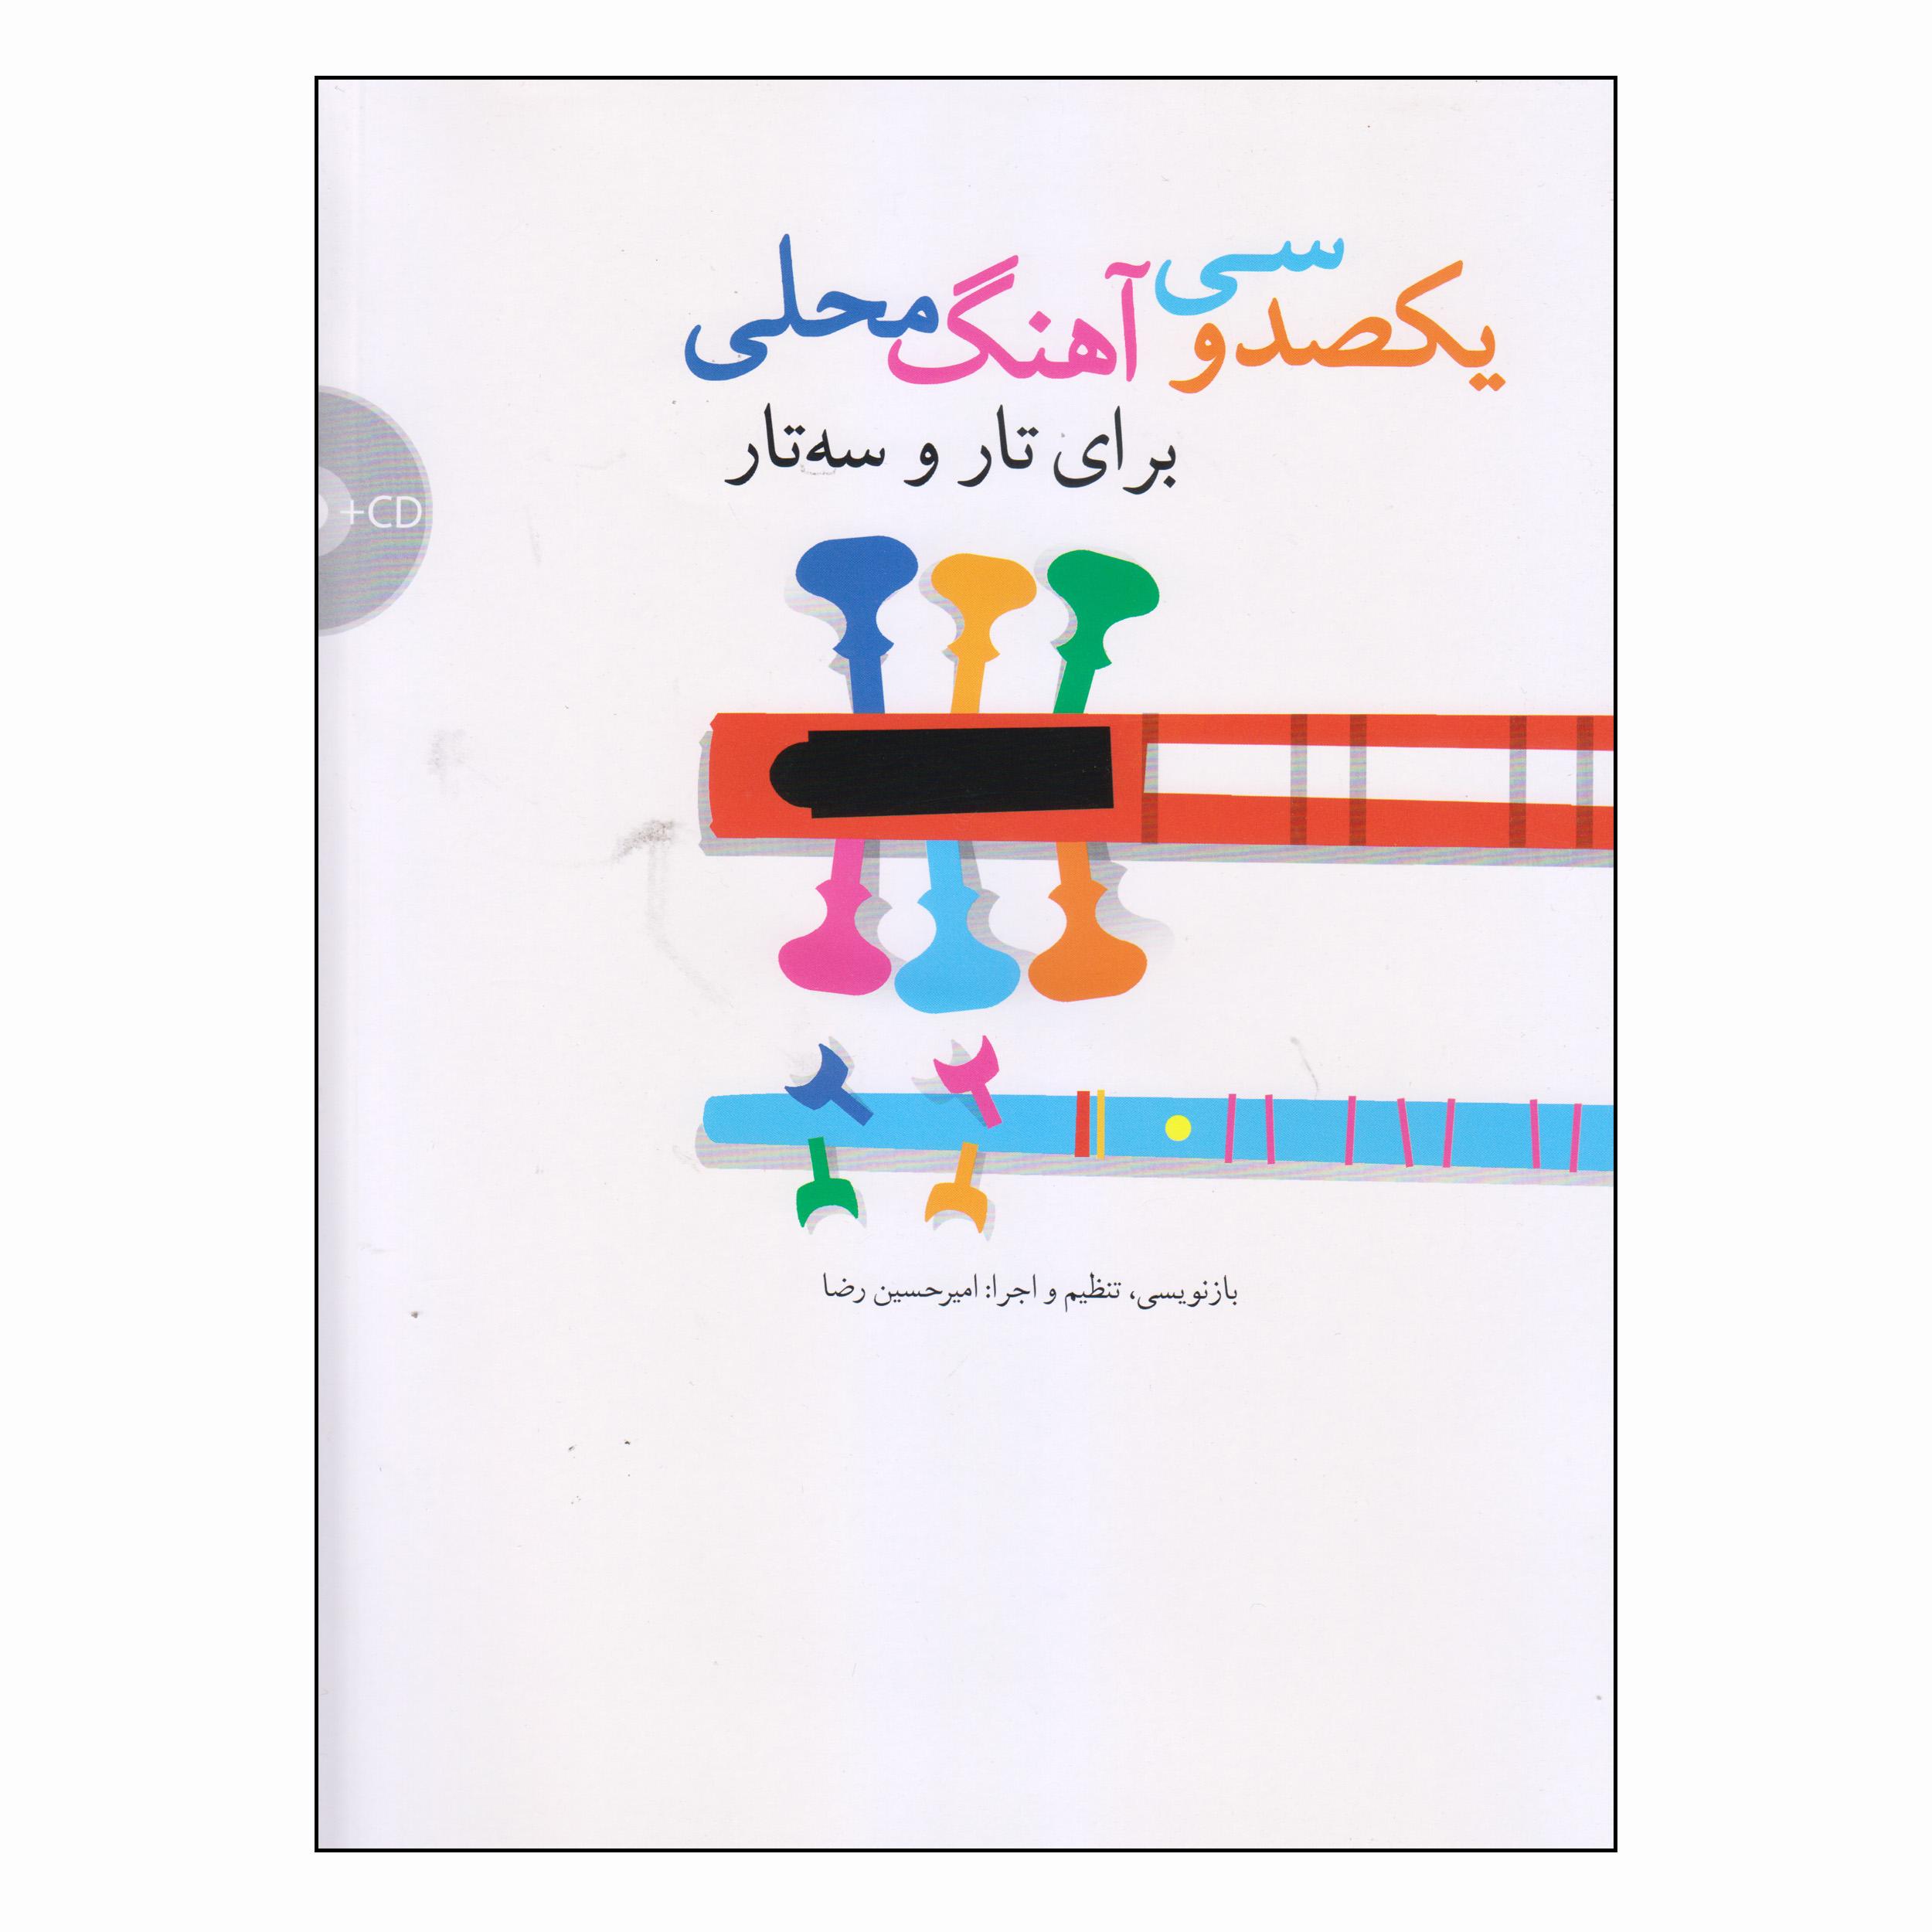 خرید                      کتاب یکصد و سی آهنگ محلی برای تار و سه تار اثر امیرحسین رضا نشر سرود